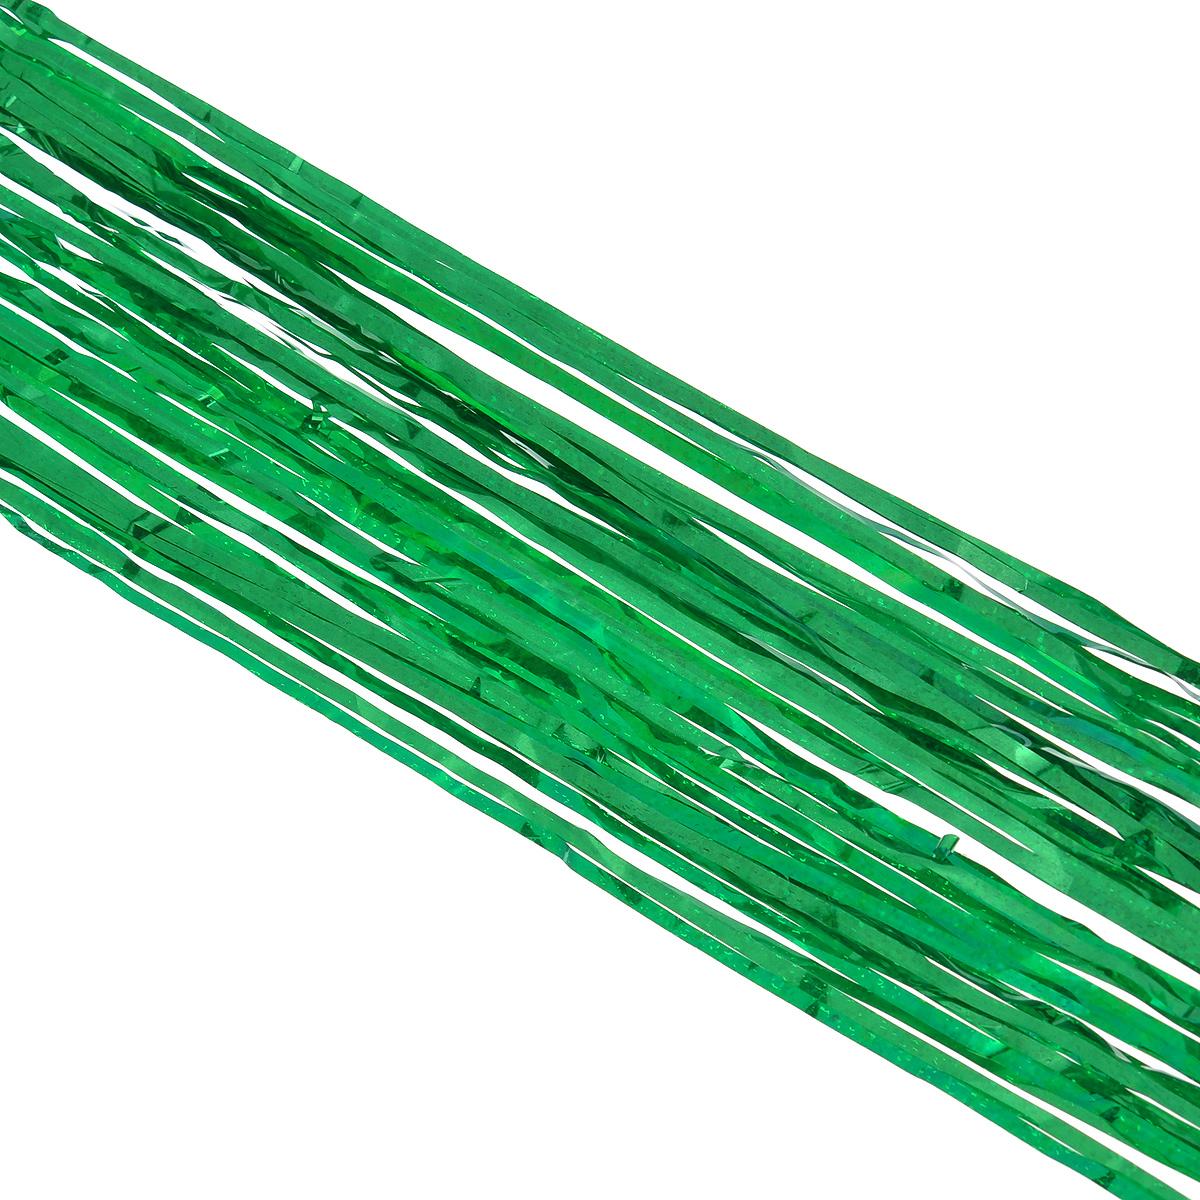 Дождик новогодний Sima-land, цвет: зеленый, 15 см х 1 м. 702534702534Новогодний дождик Sima-land, изготовленный из фольги, поможет вам украсить свой дом к предстоящим праздникам. Новогодняя елка с таким украшением станет еще наряднее. Новогодним дождиком можно украсить все, что угодно - елку, квартиру, дачу, офис - как внутри, так и снаружи. Можно сложить новогодние поздравления, буквы и цифры, дождиком можно украсить и дополнить гирлянды, можно выделить дверные колонны, оплести дверные проемы. Коллекция декоративных украшений из серии Зимнее волшебство принесет в ваш дом ни с чем не сравнимое ощущение праздника! Создайте в своем доме атмосферу тепла, веселья и радости, украшая его всей семьей. Ширина: 15 см.